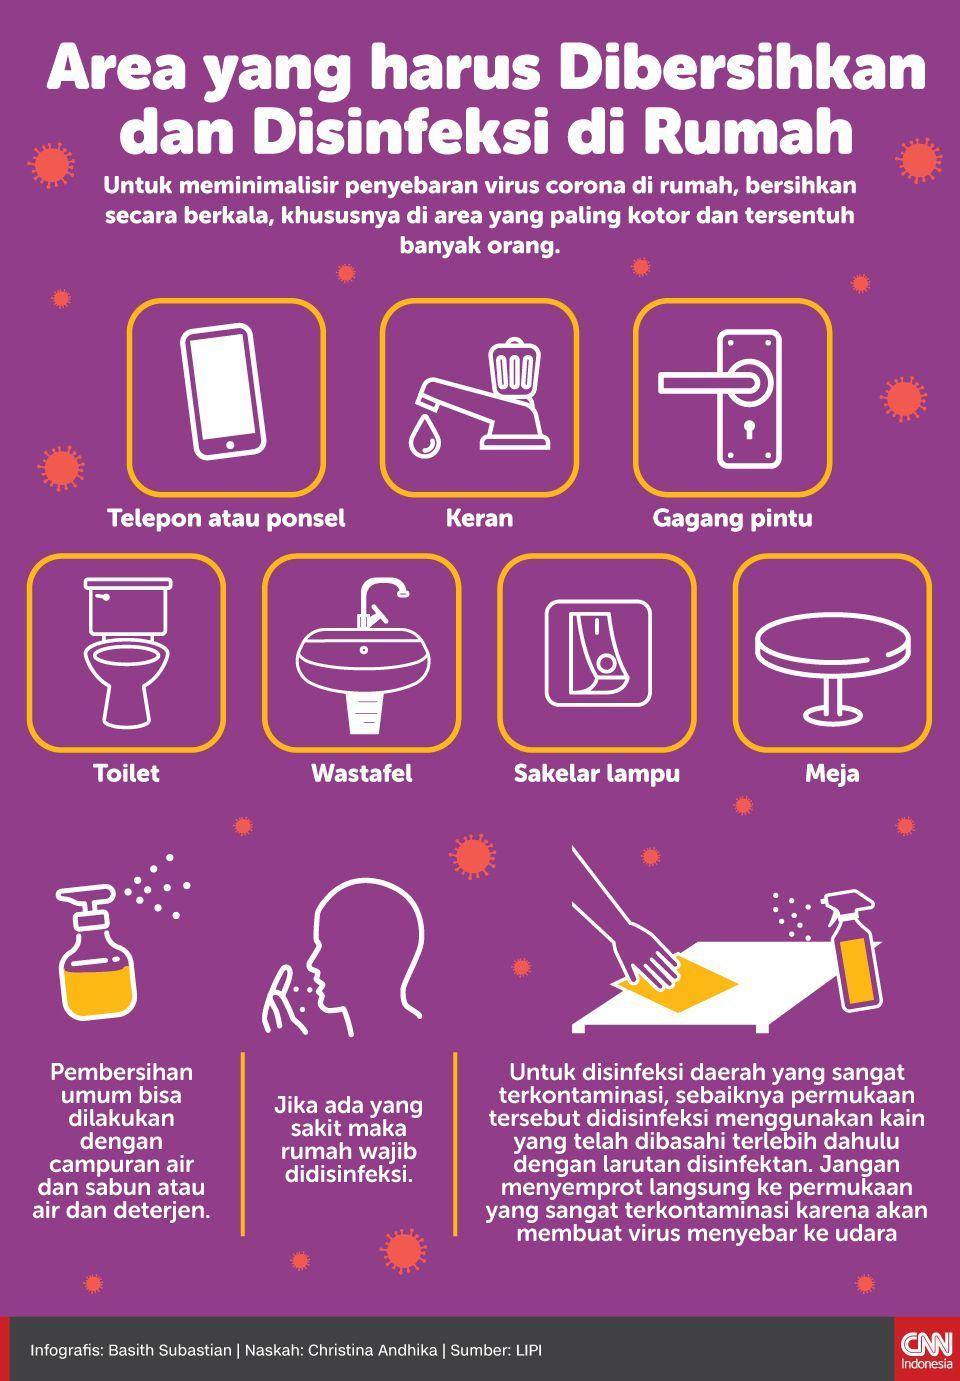 Infografis Area yang harus Dibersihkan dan Disinfeksi di Rumah